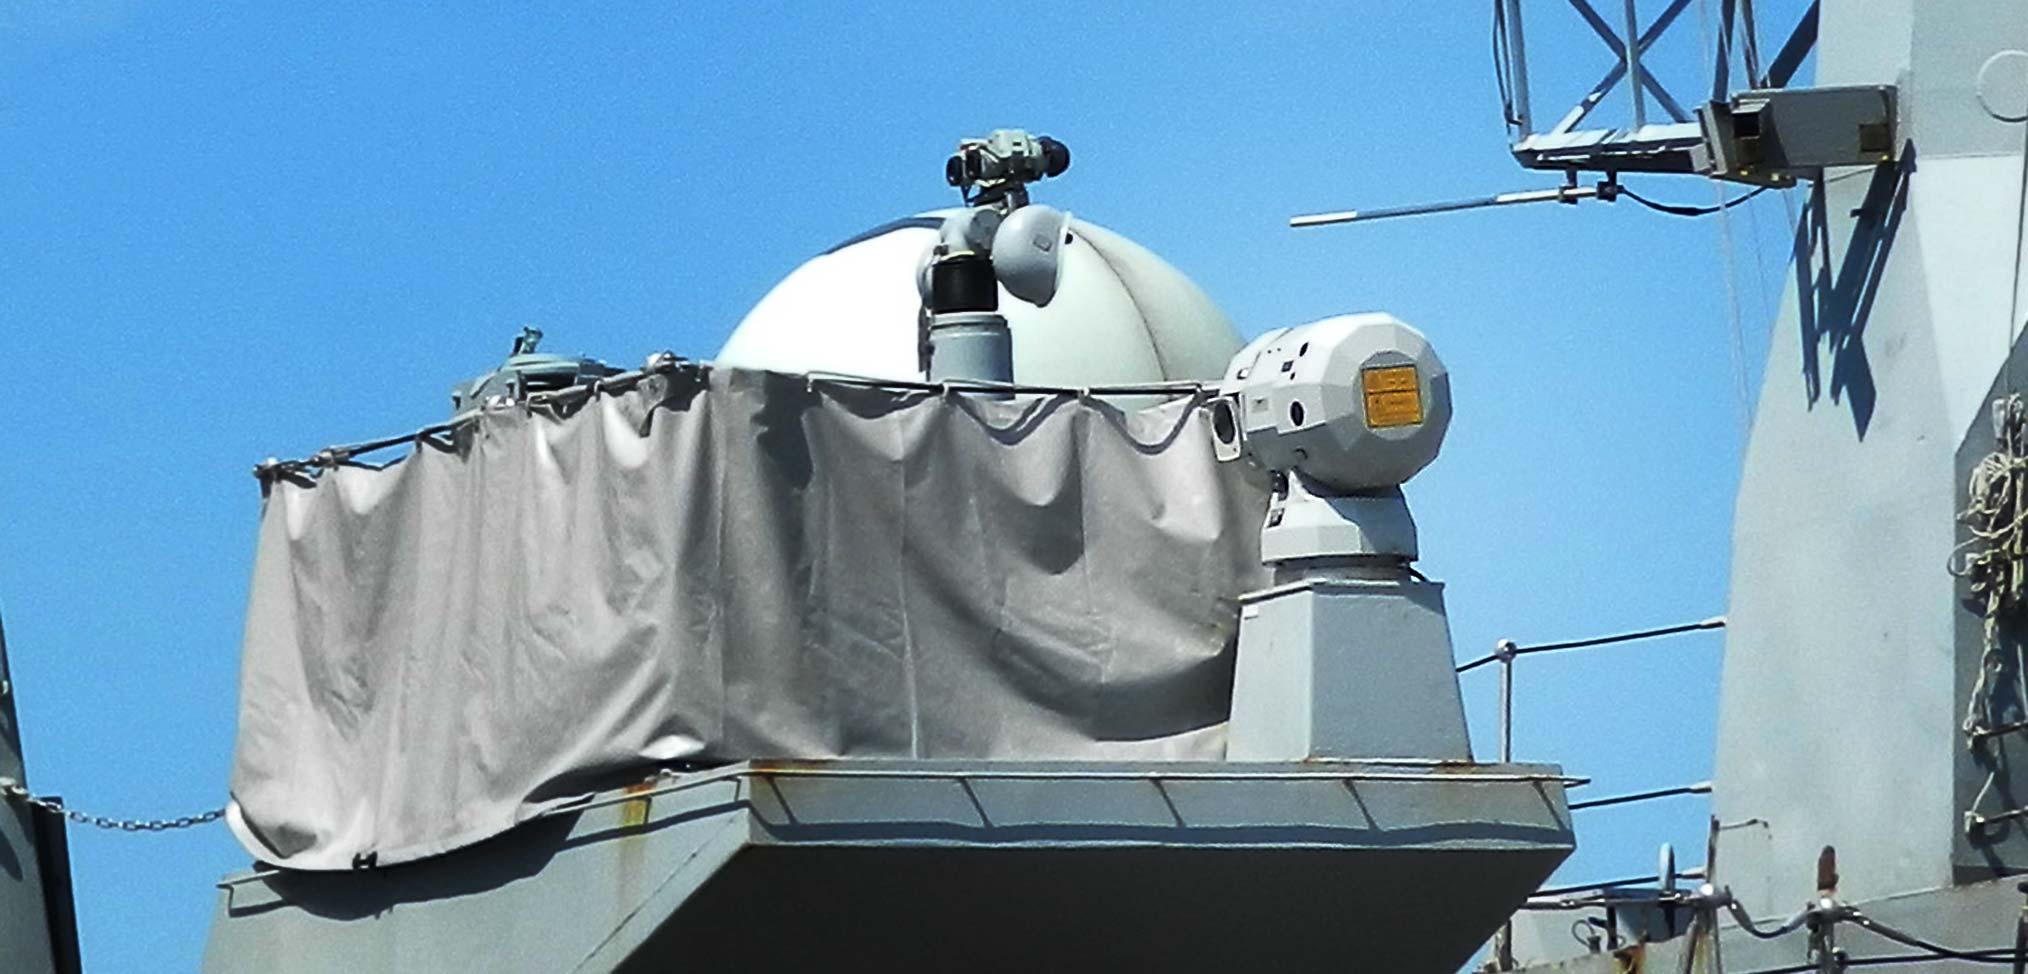 FCEO Sea Eagle Type 23 frigate